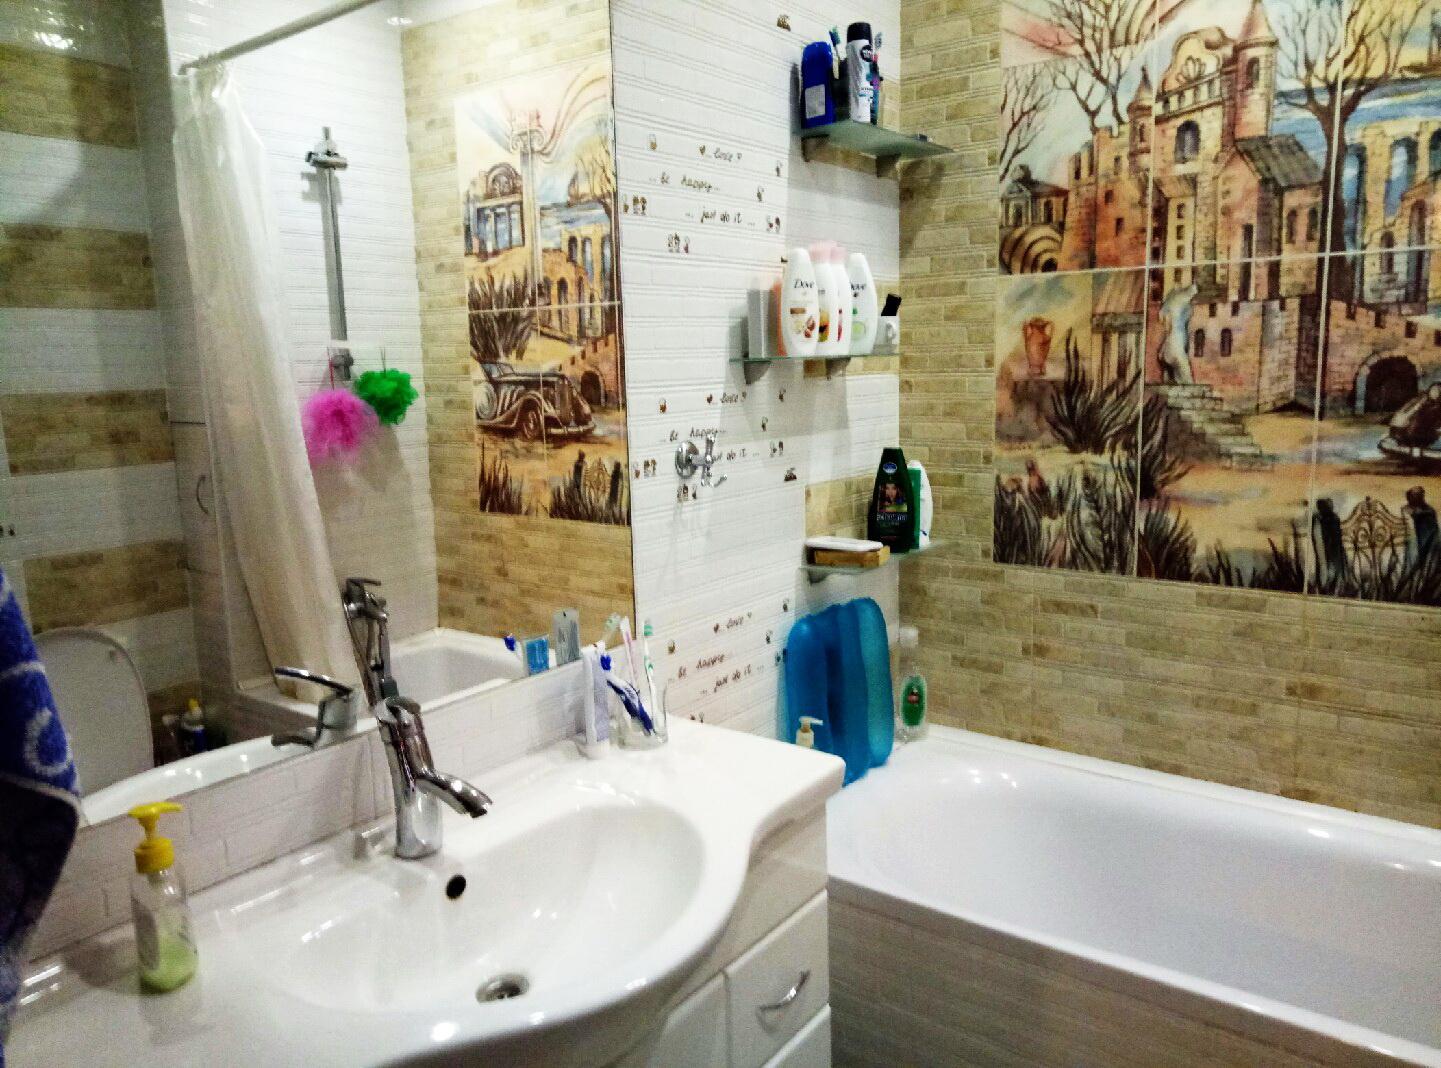 Продается 3-комнатная квартира на ул. Марсельская — 89 000 у.е. (фото №14)